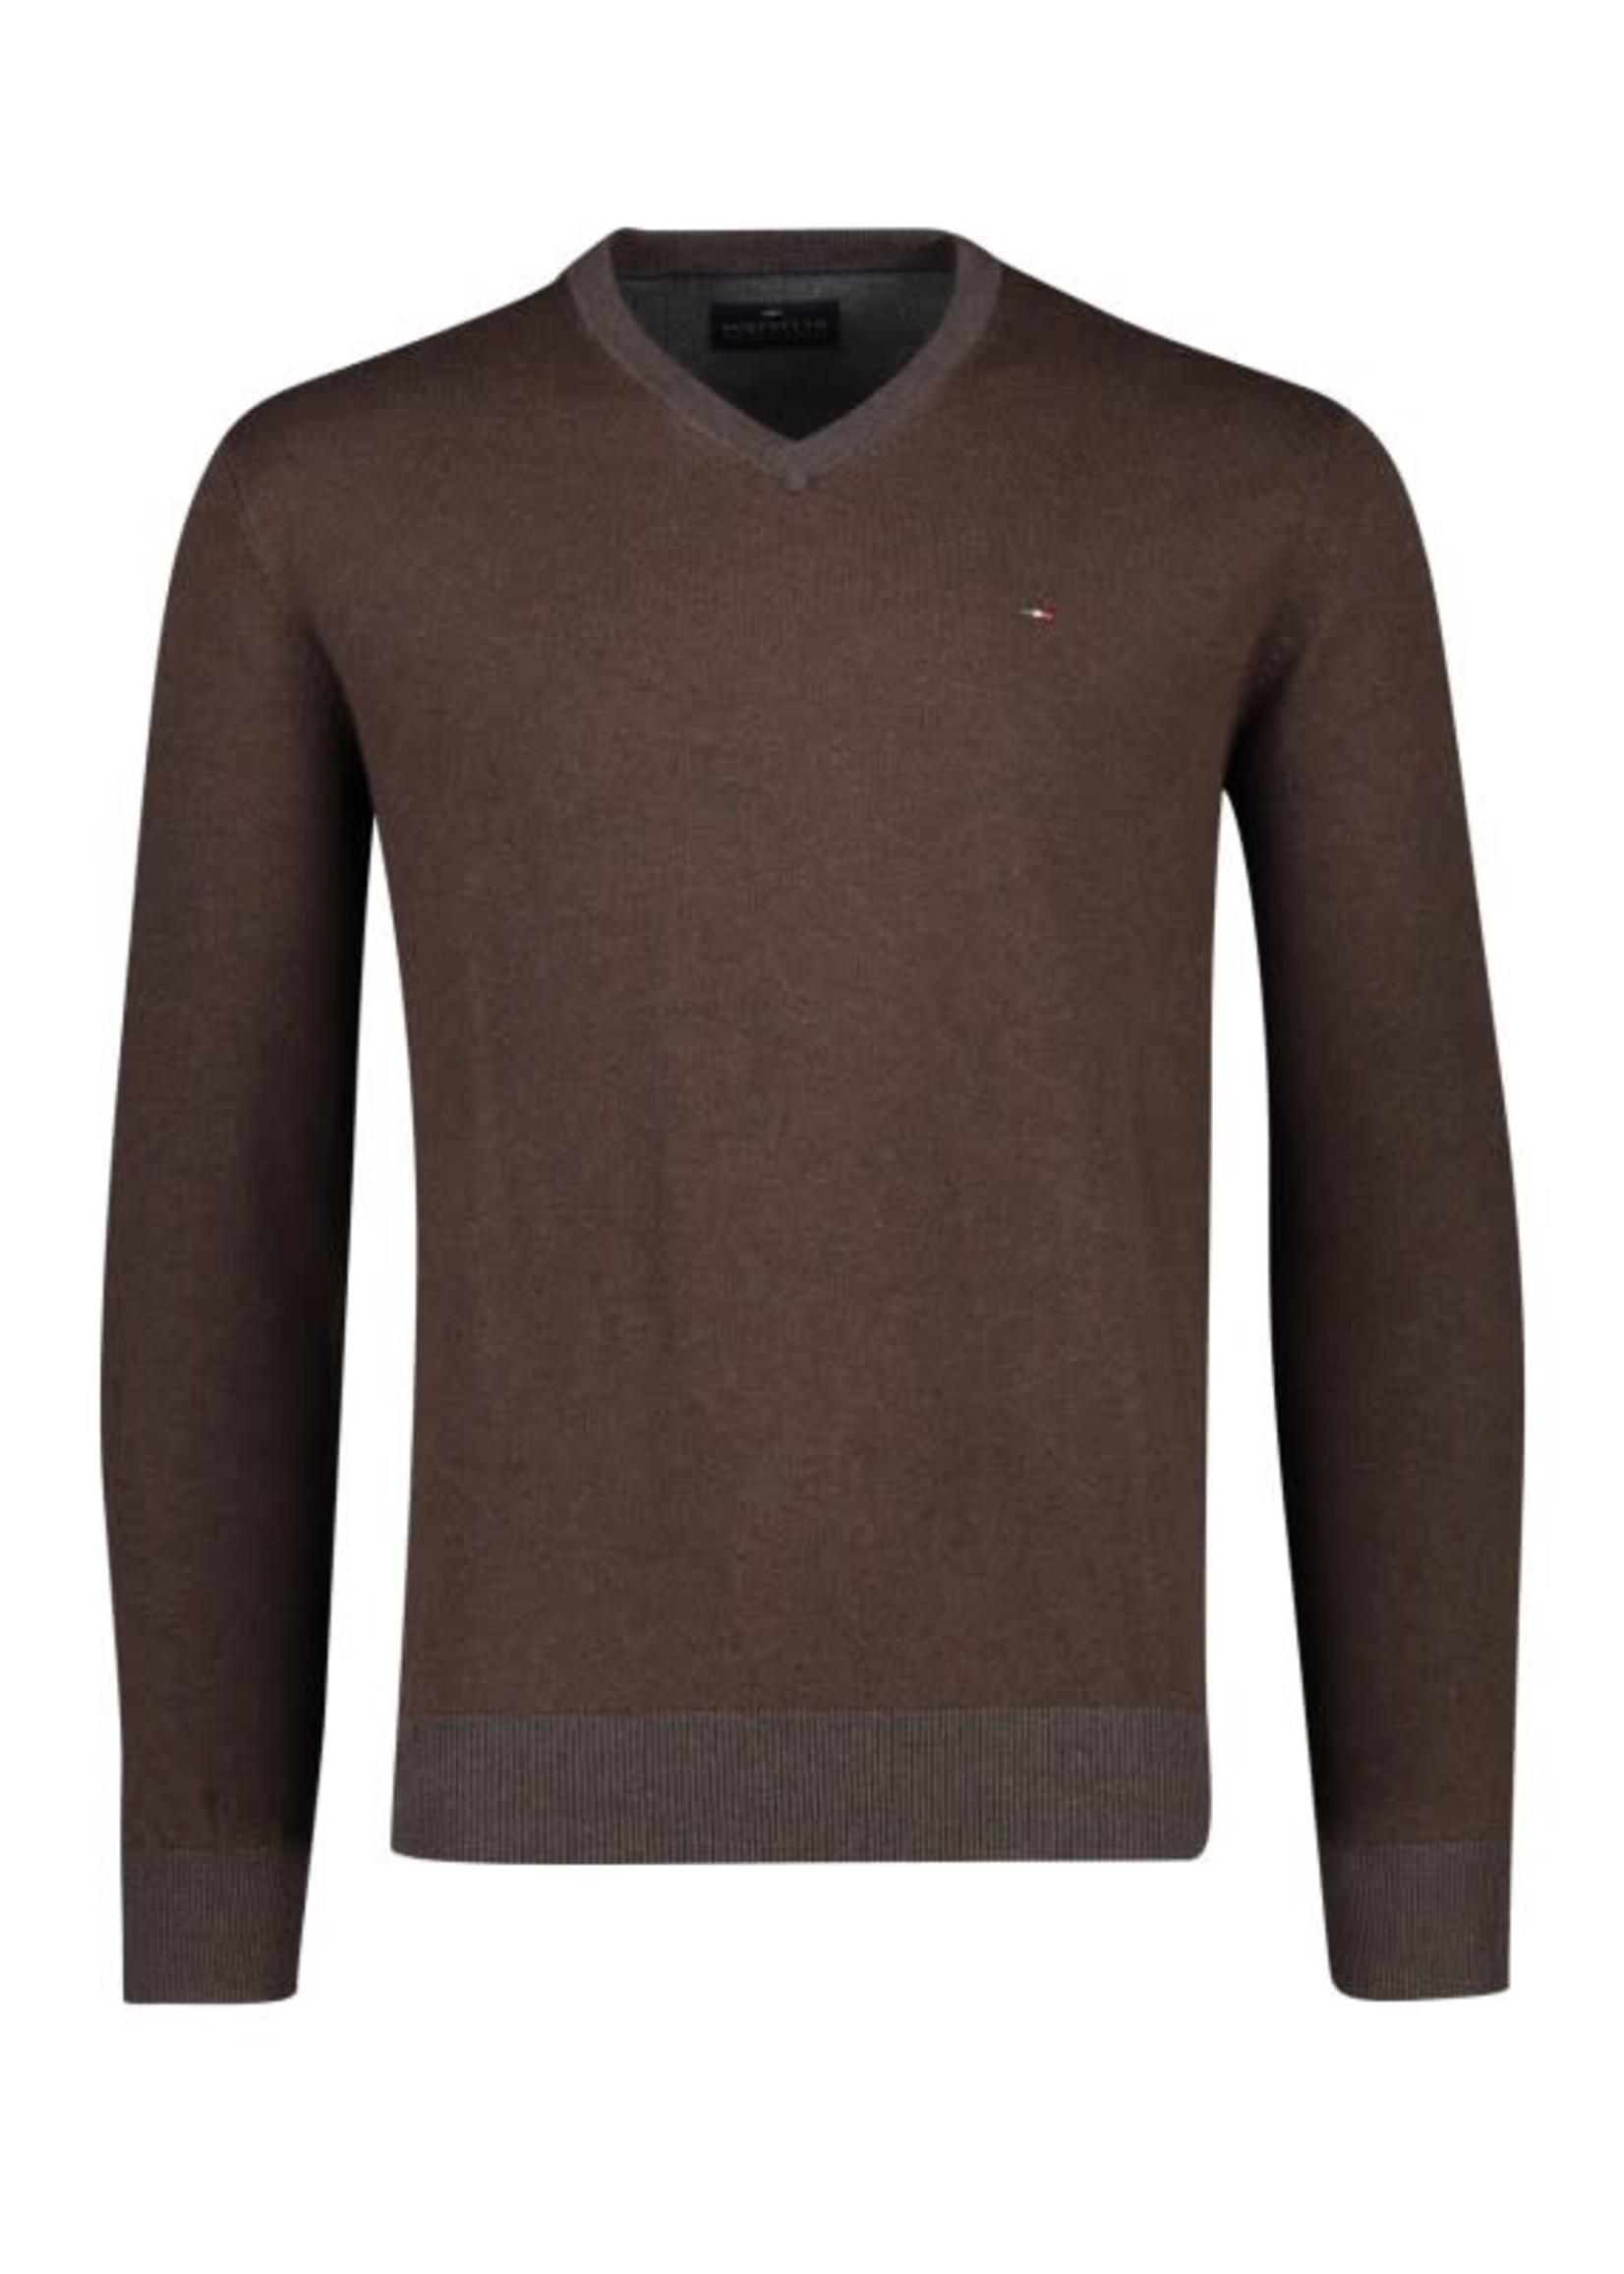 Portofino pullover katoen v-hals bruin